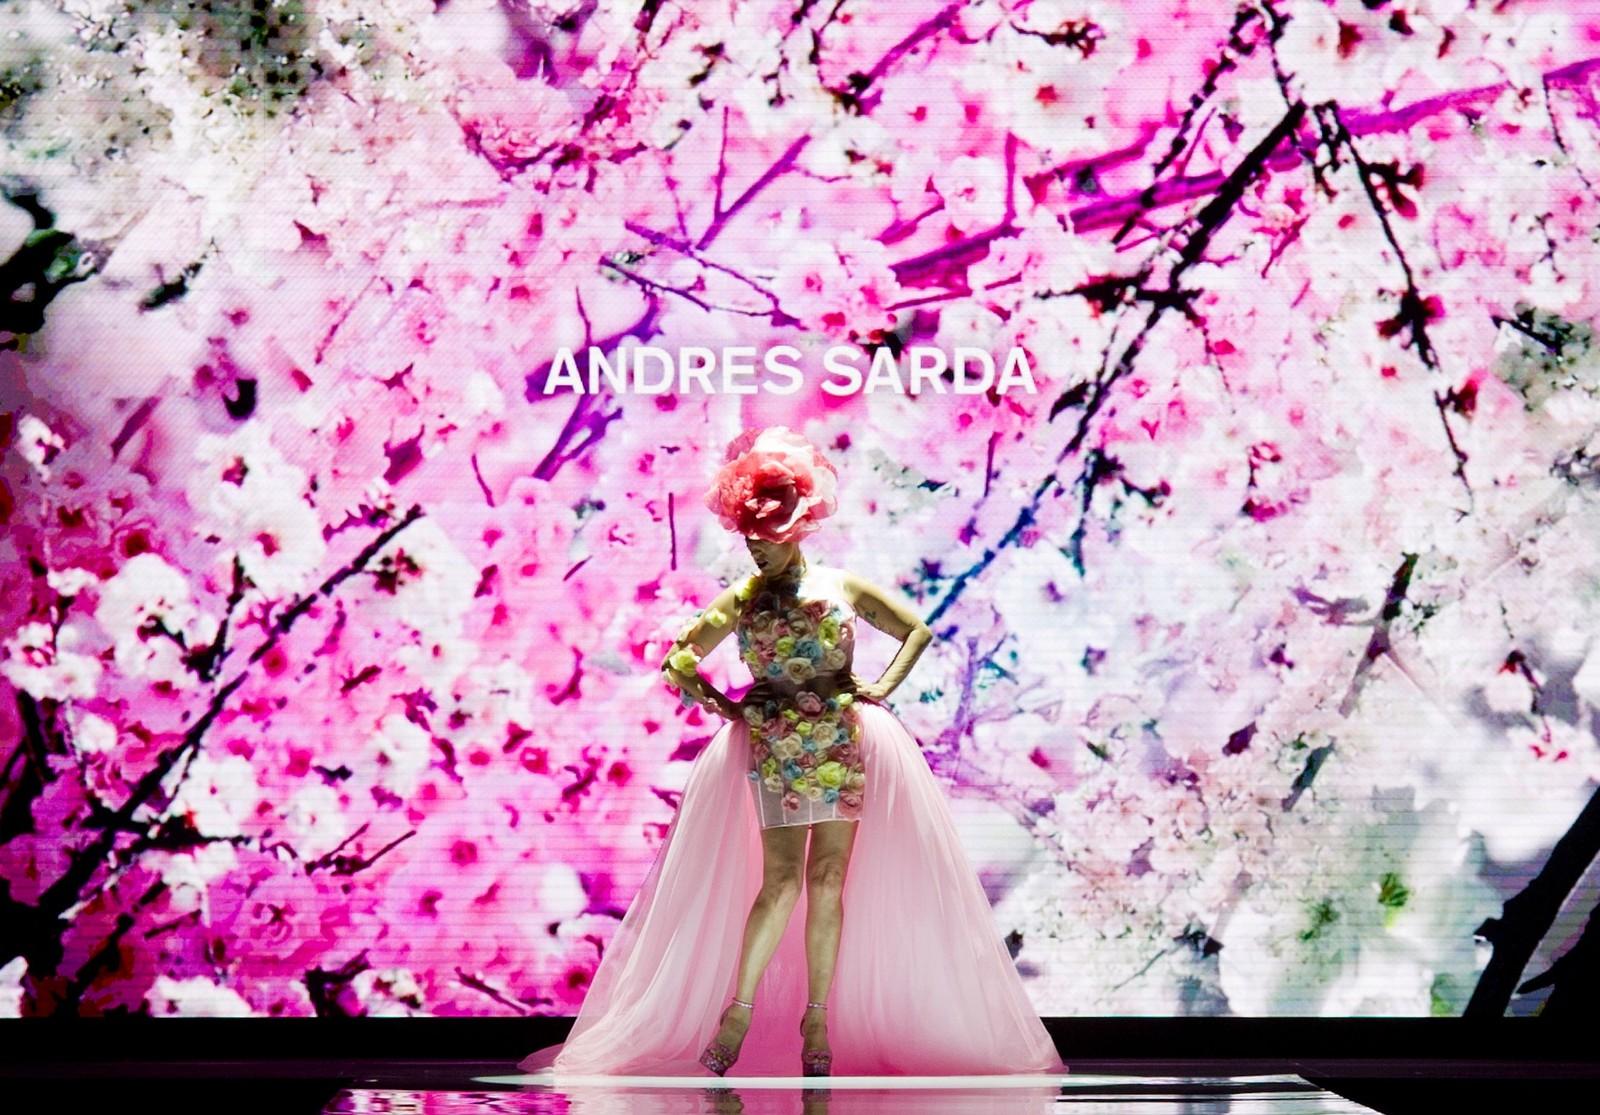 Den spanske skuespilleren og modellen Rossy de Palma på catwalken under visningen av den neste vår/sommer-kolleksjonen fra Andres Sarda under Madrid Fashion Week.